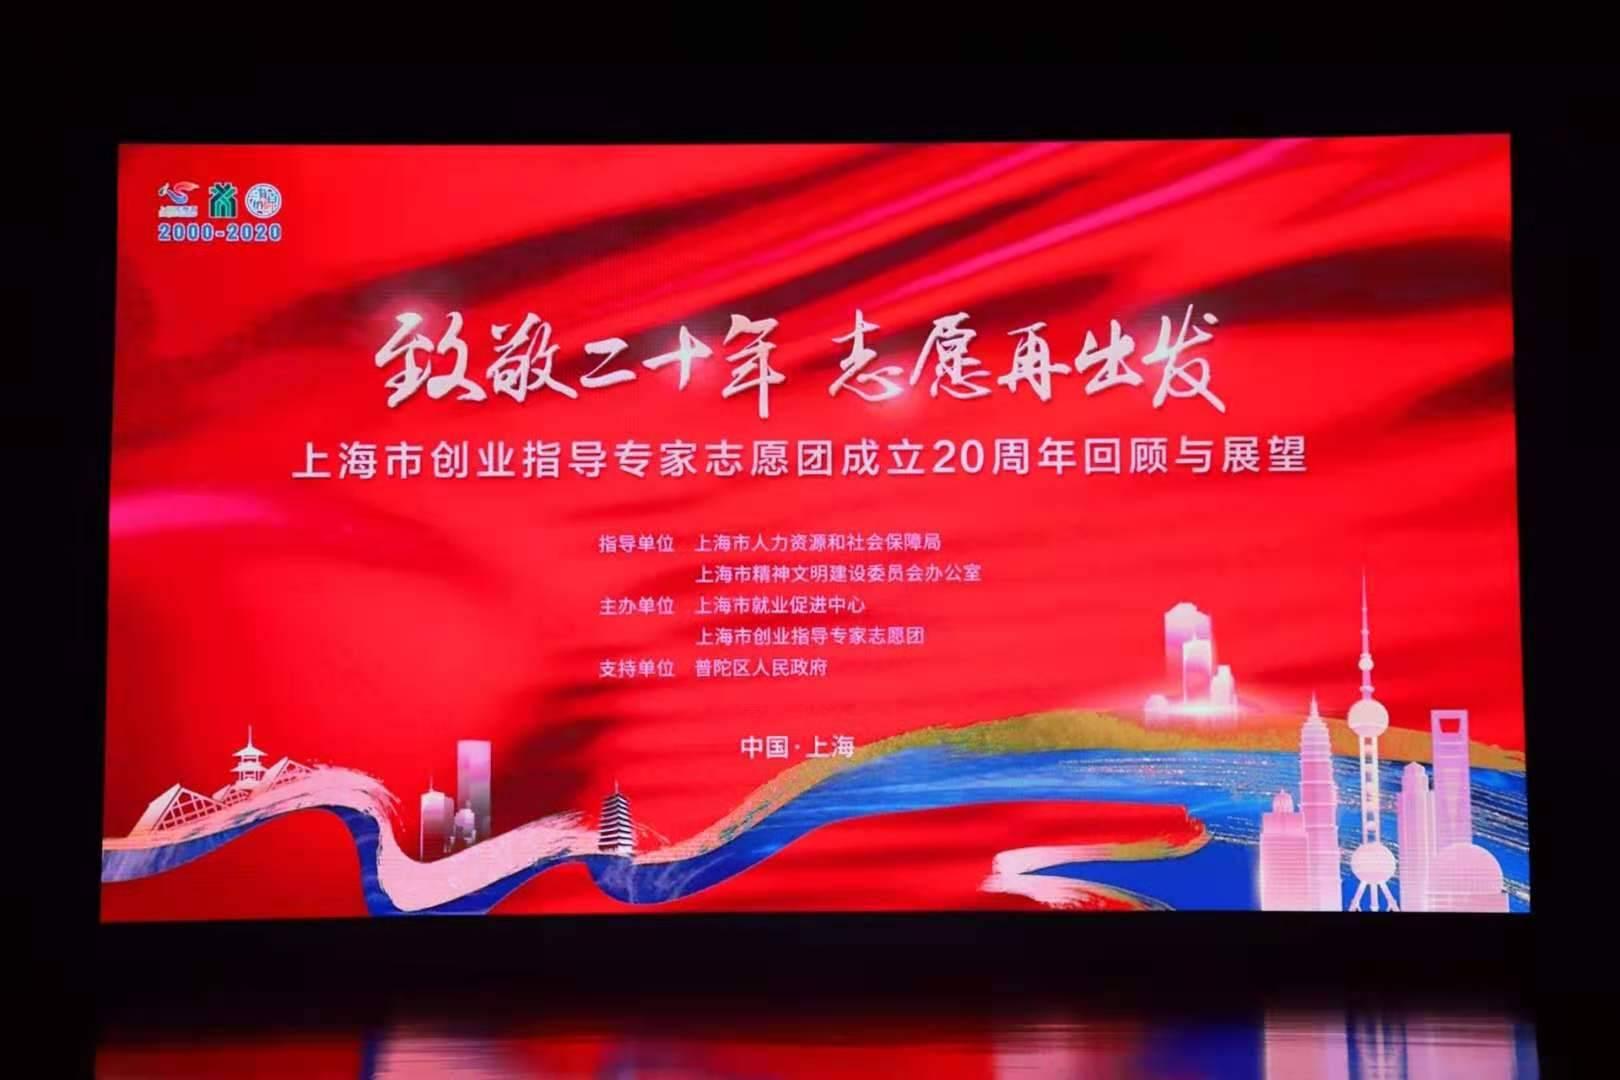 致敬二十年,志愿再出发——上海市创业指导专家志愿团20周年回顾与展望活动举行